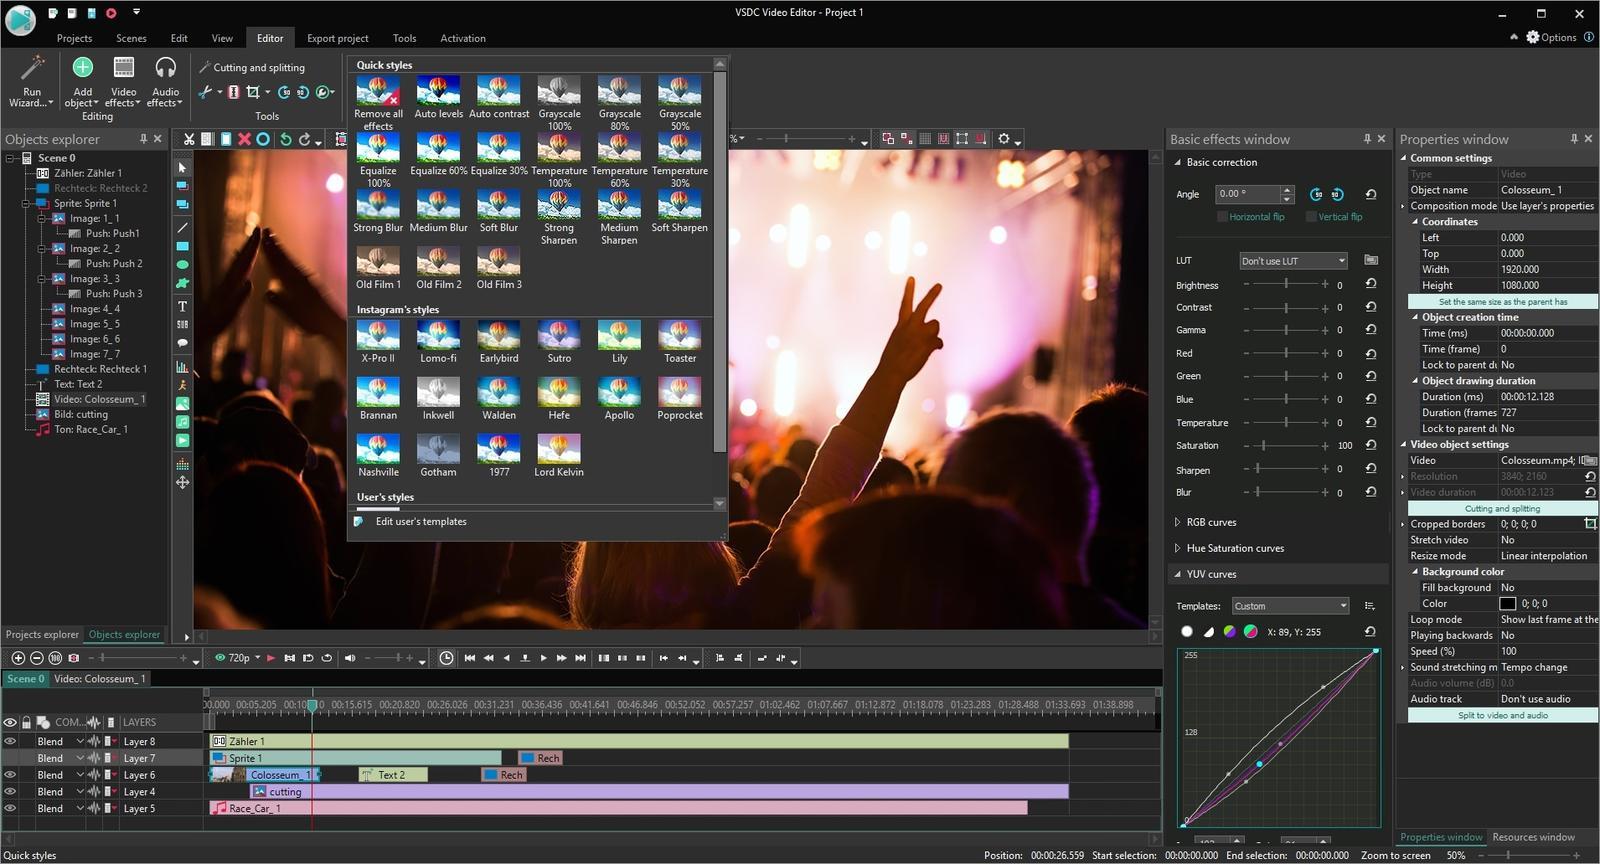 Funkce na úpravy jednotlivých scén najdete na kartě »Edit«, zatímco karta »Editor« obsahuje nástroje na stříhání a úpravy (aplikaci filtrů, efektů atd.) celých videoklipů. Rovněž zde nechybí přechodové efekty mezi záběry nebo nabídka efektů pro zvukovou stopu filmu.